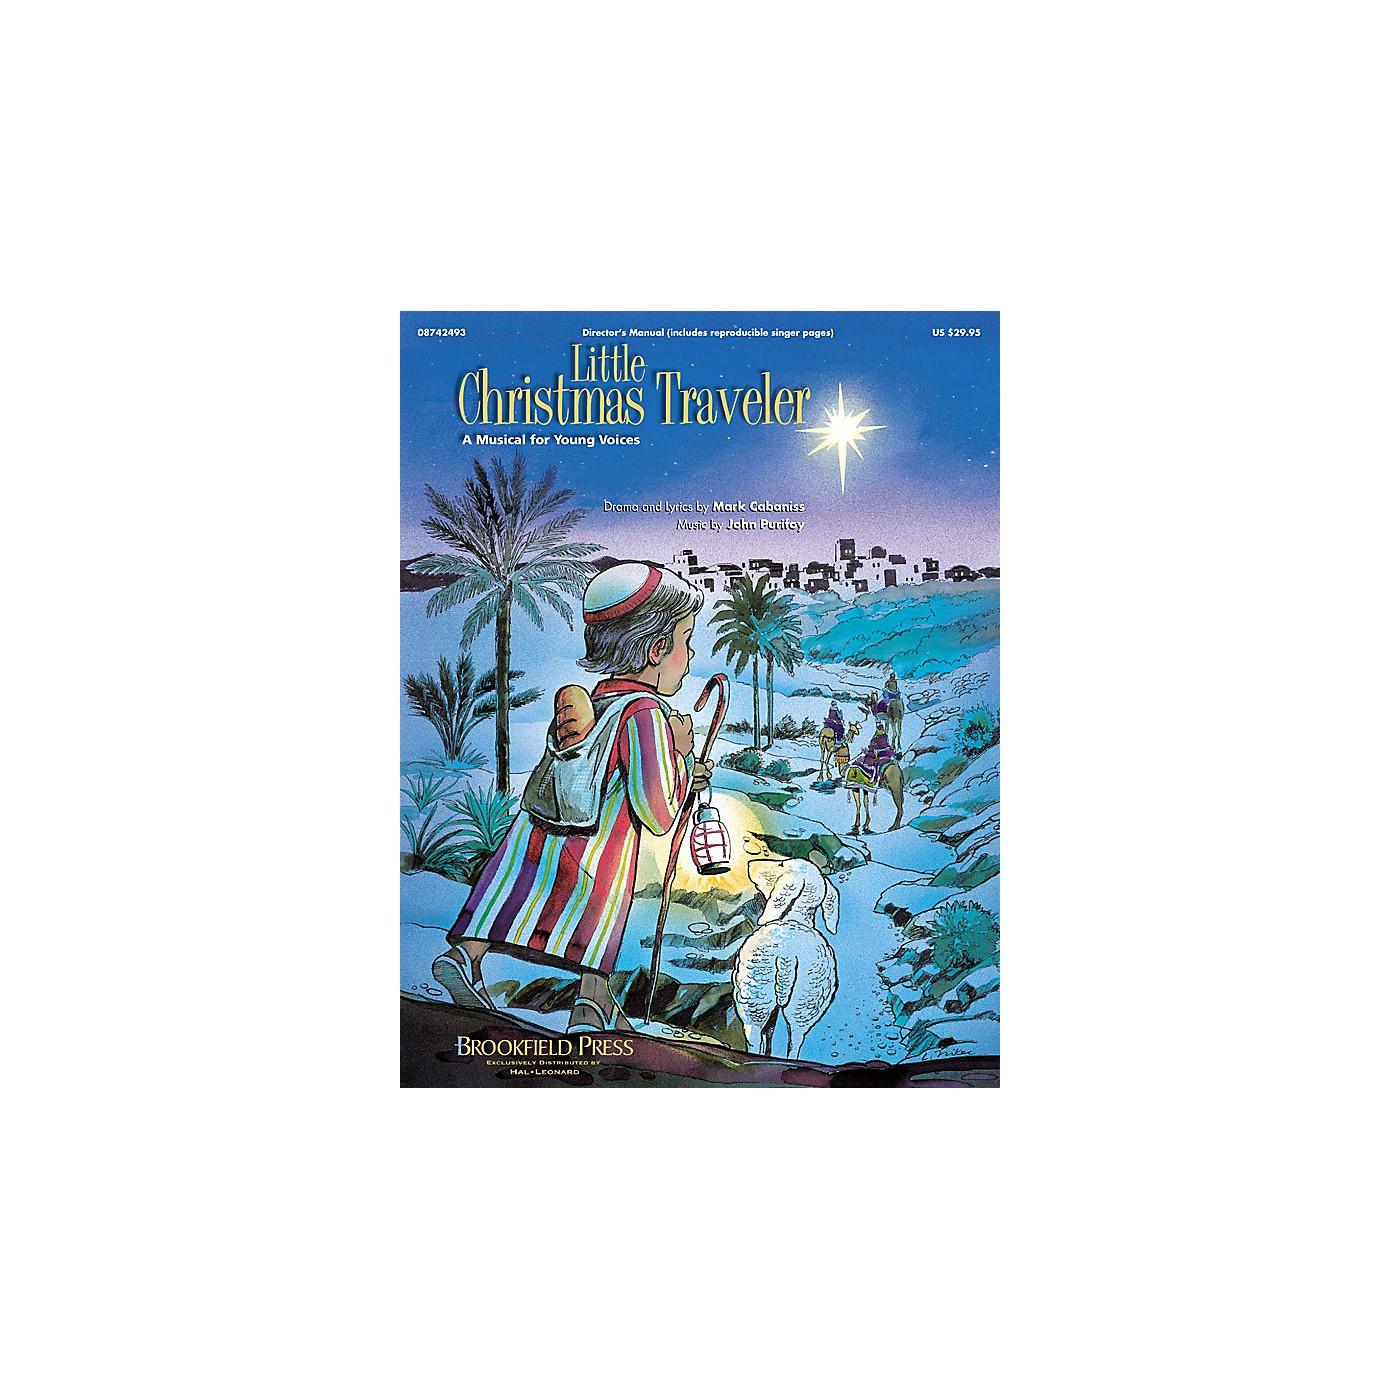 Hal Leonard Little Christmas Traveler (Sacred Musical) PREV CST PAK Arranged by John Purifoy thumbnail